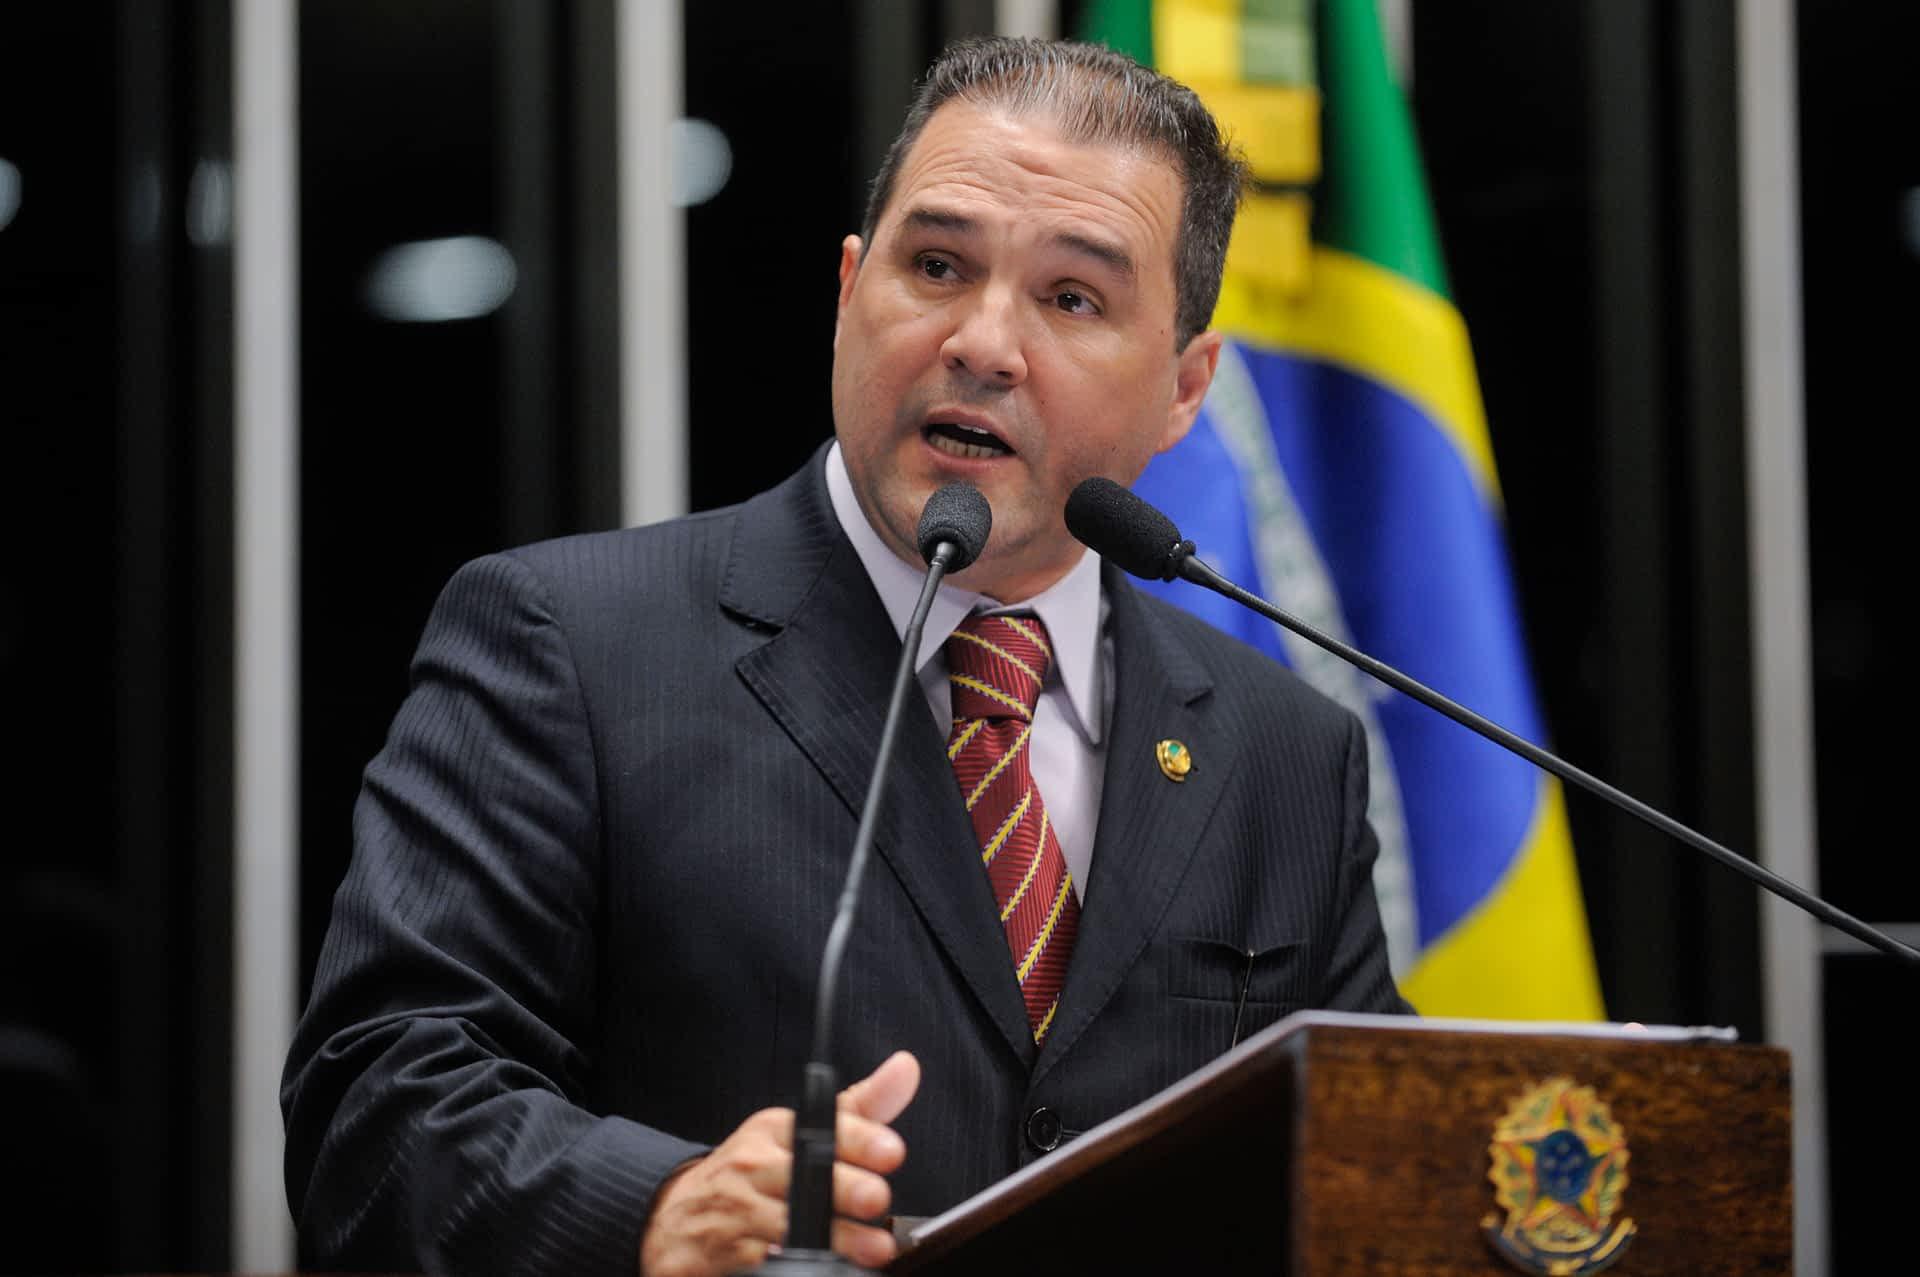 Senador Eduardo Lopes (PRB-RJ) pede cautela na votação do novo Código Penal